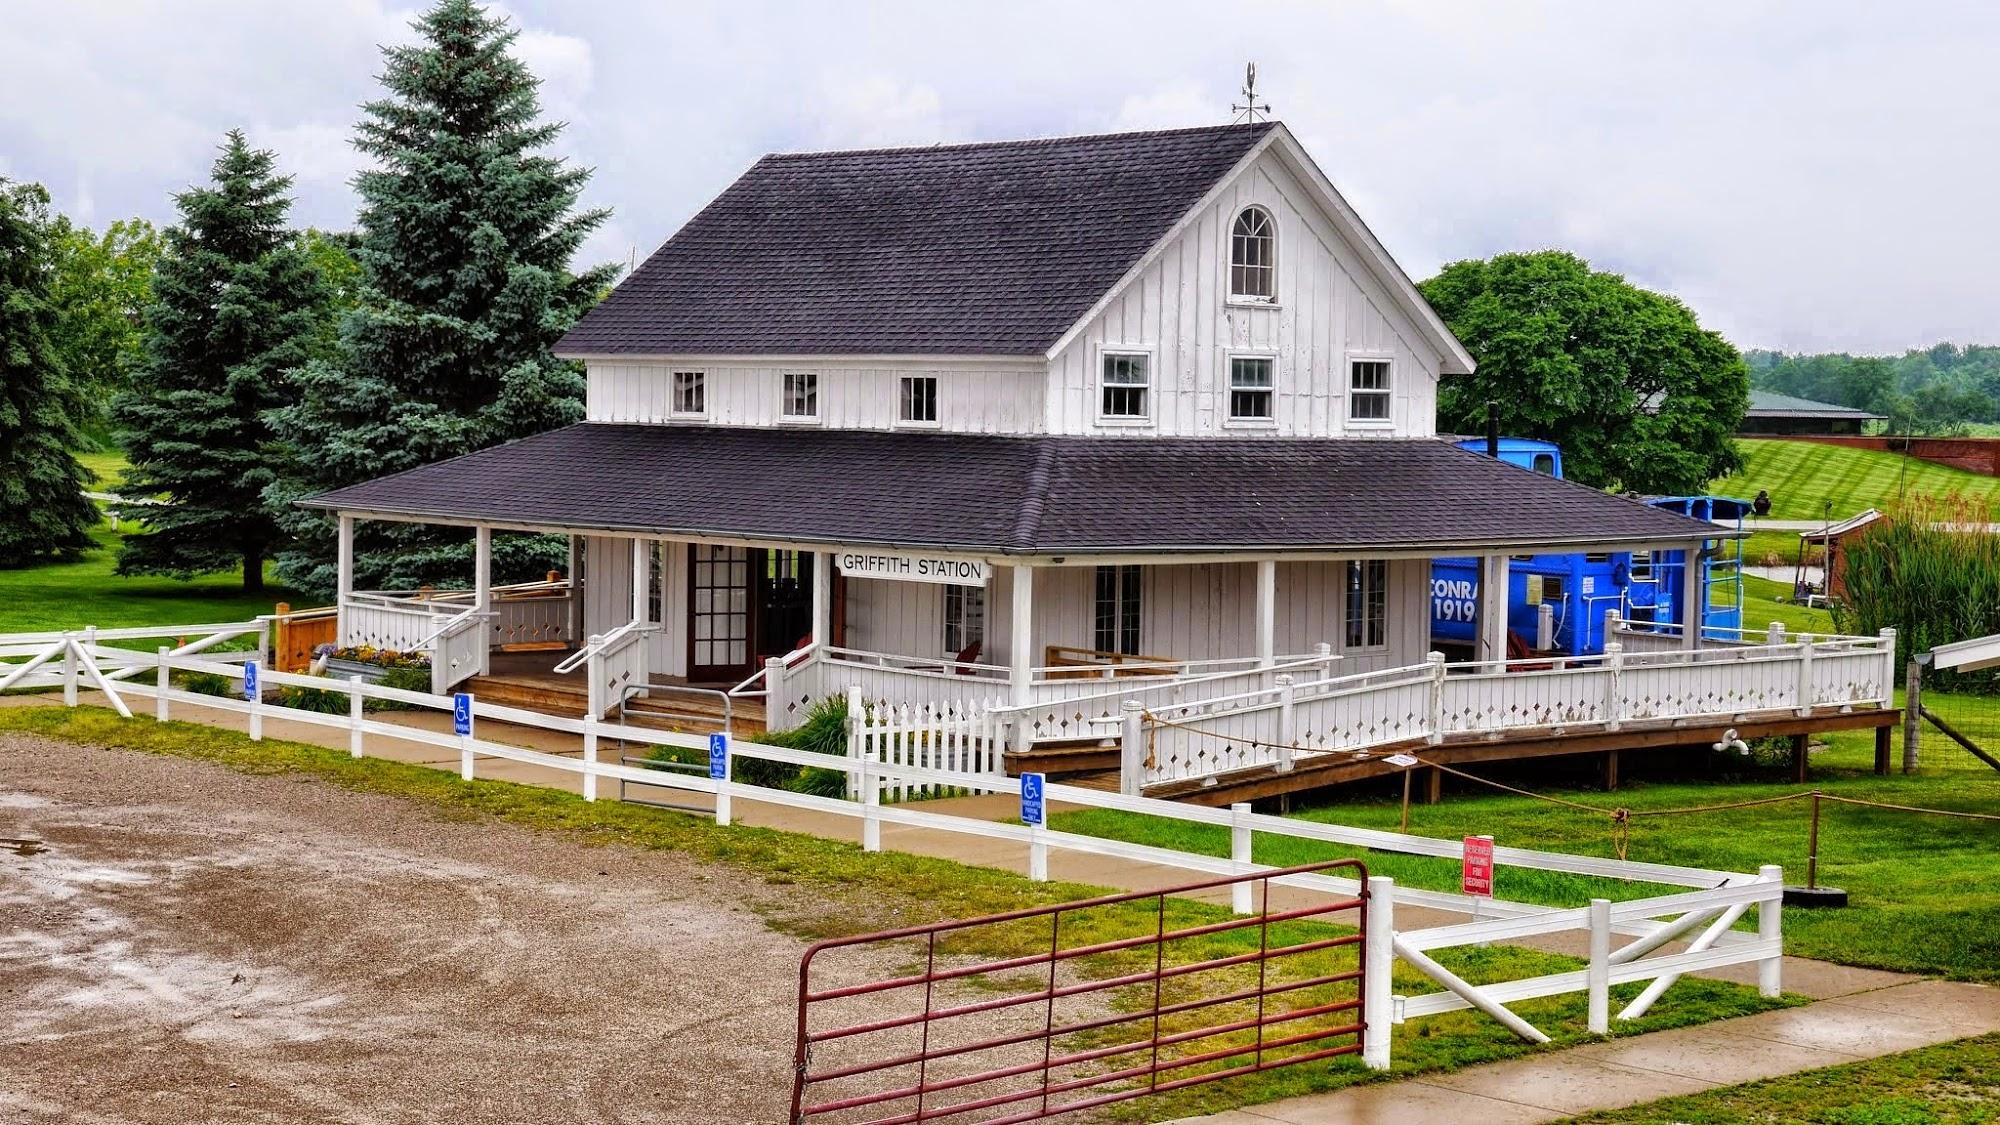 Domino's Farms Petting Farm 3001 Earhart Rd, Ann Arbor